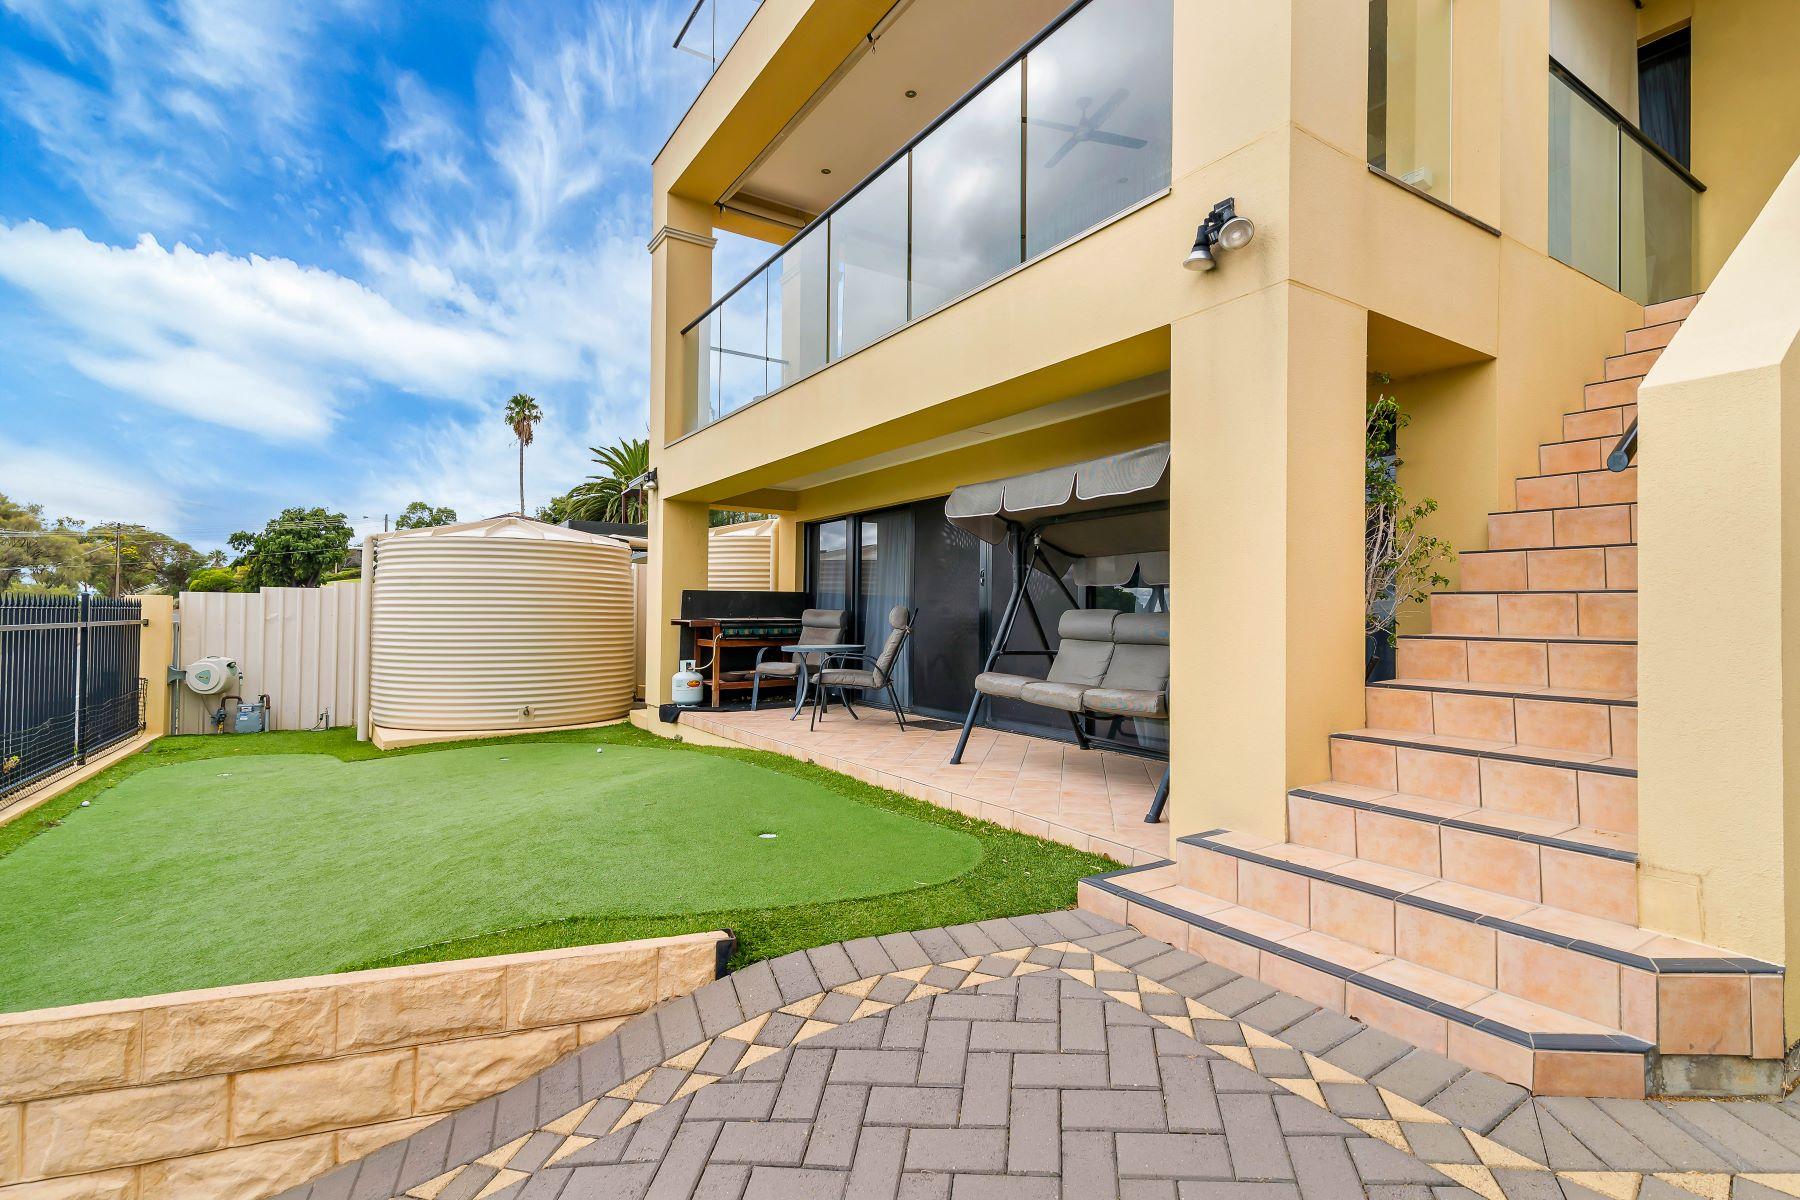 一戸建て のために 売買 アット Grand Beachside Residence 34 Angus Cresent Other South Australia, South Australia, 5049 オーストラリア